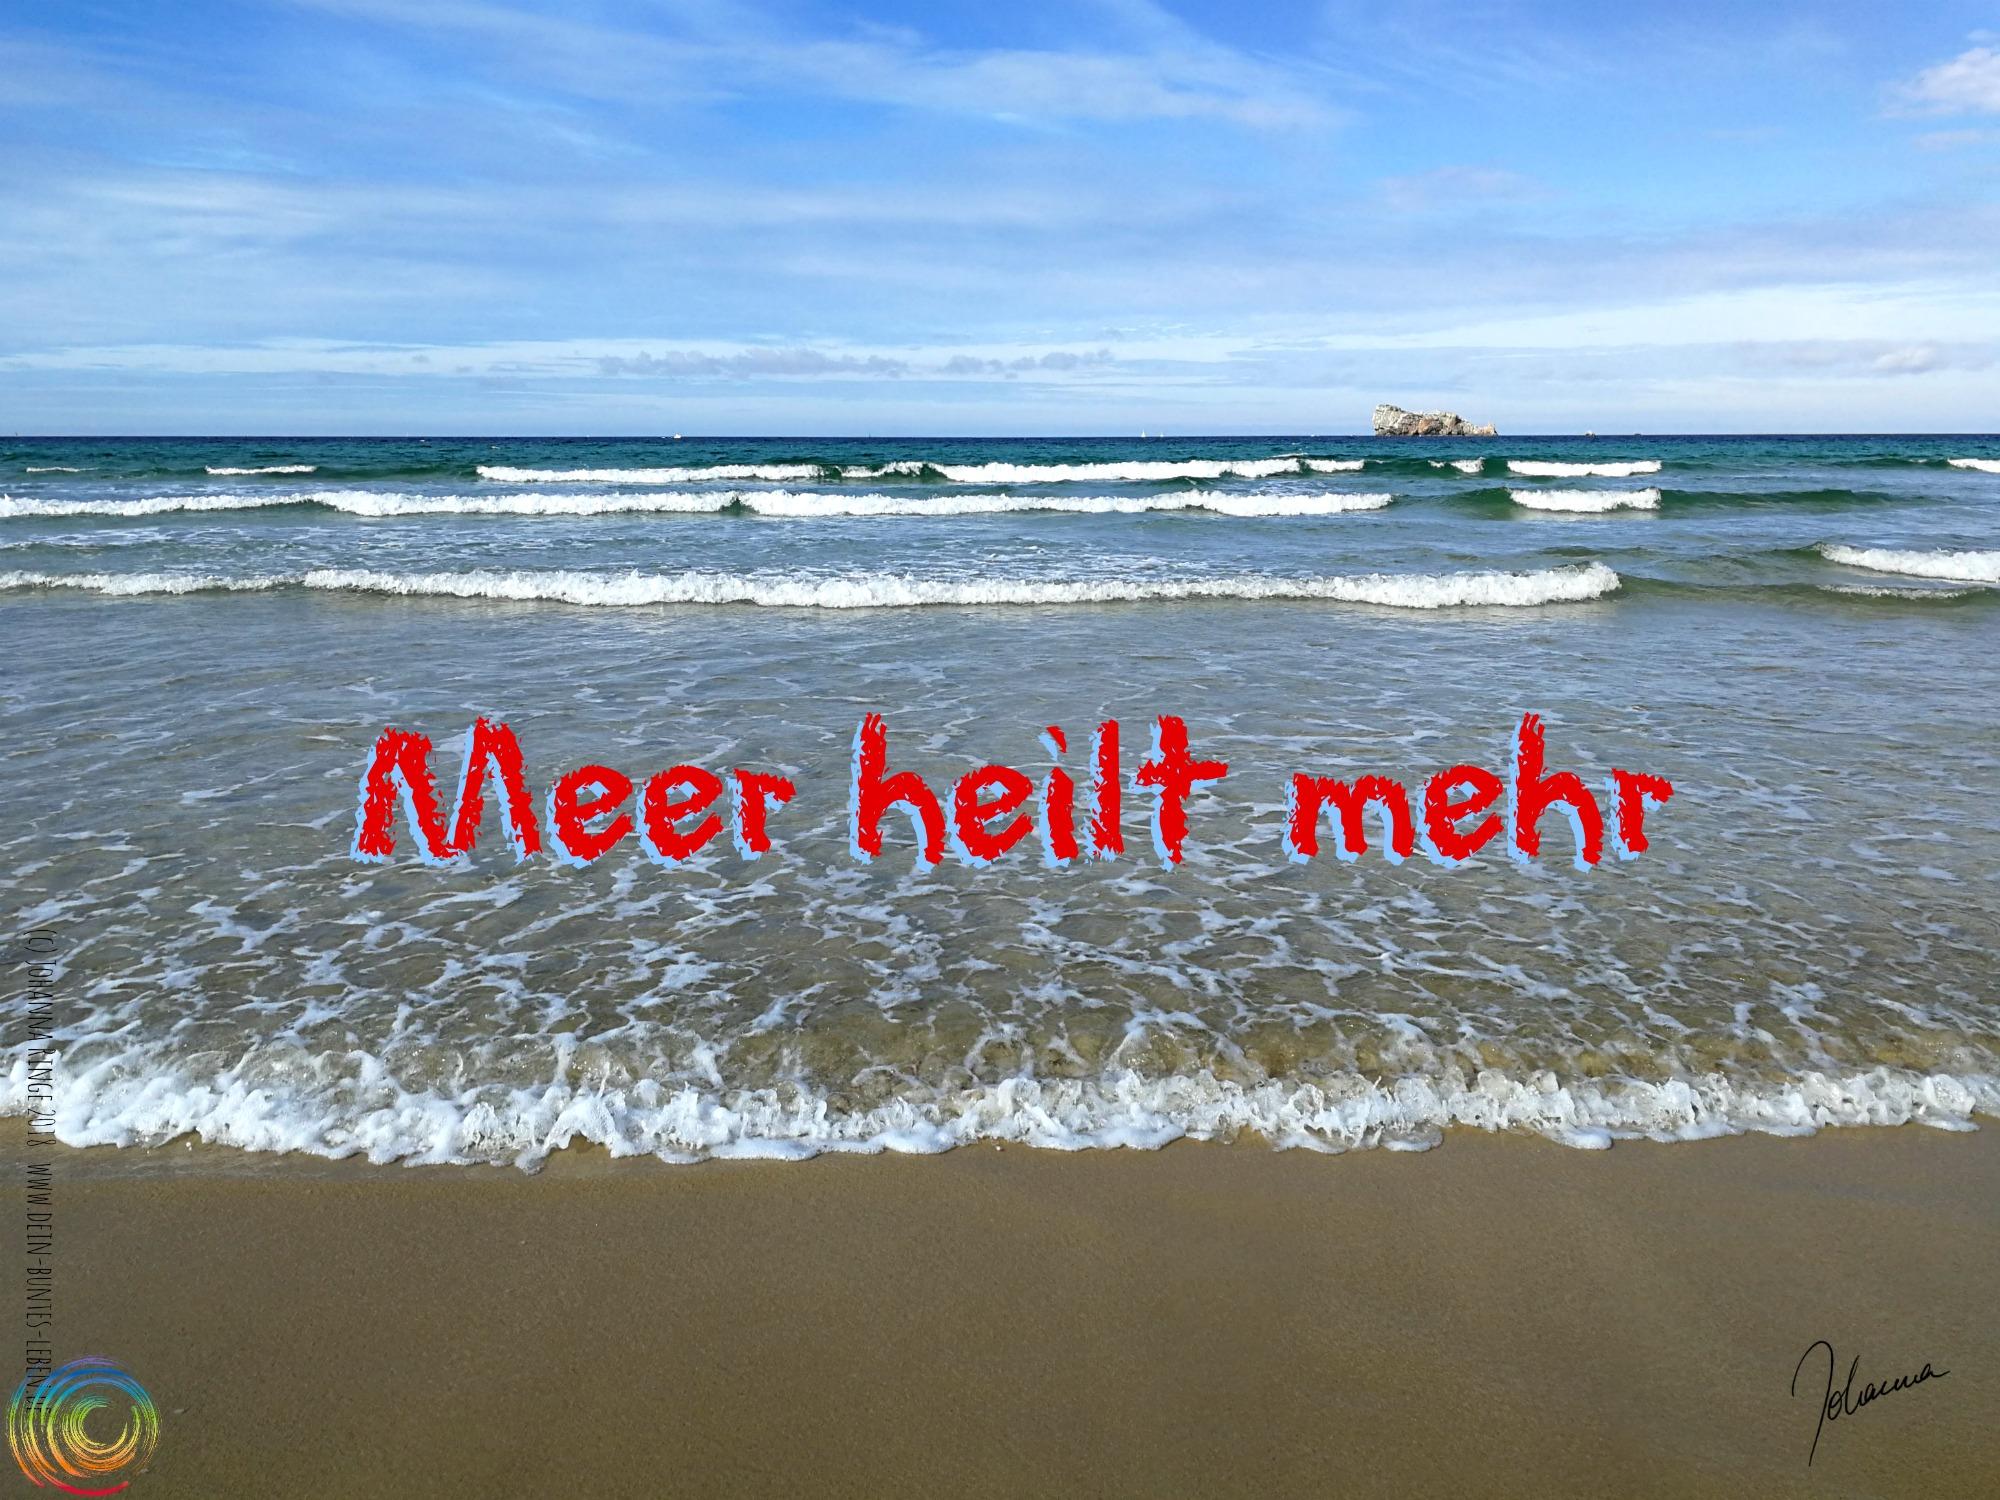 Das Meer als Heilmittel? Blick aufs Meer mit Text: Meer heilt mehr. (c)Johanna Ringe 2018 www.dein-buntes-leben.de